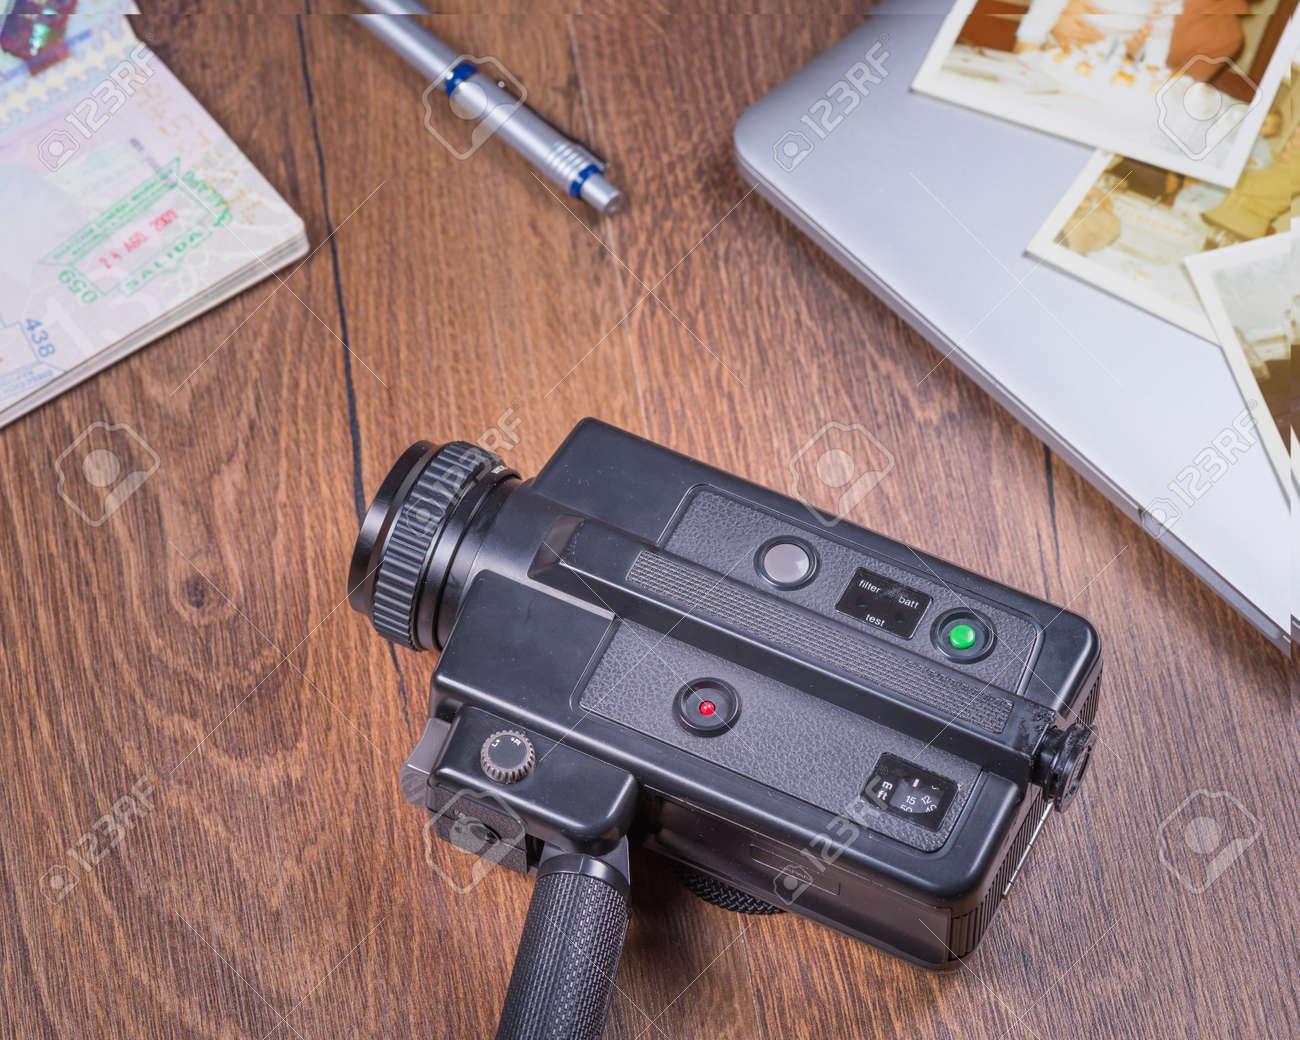 8Mm Vintage Camera vintage image with old black video camera 8mm,old photo,laptop,pen..